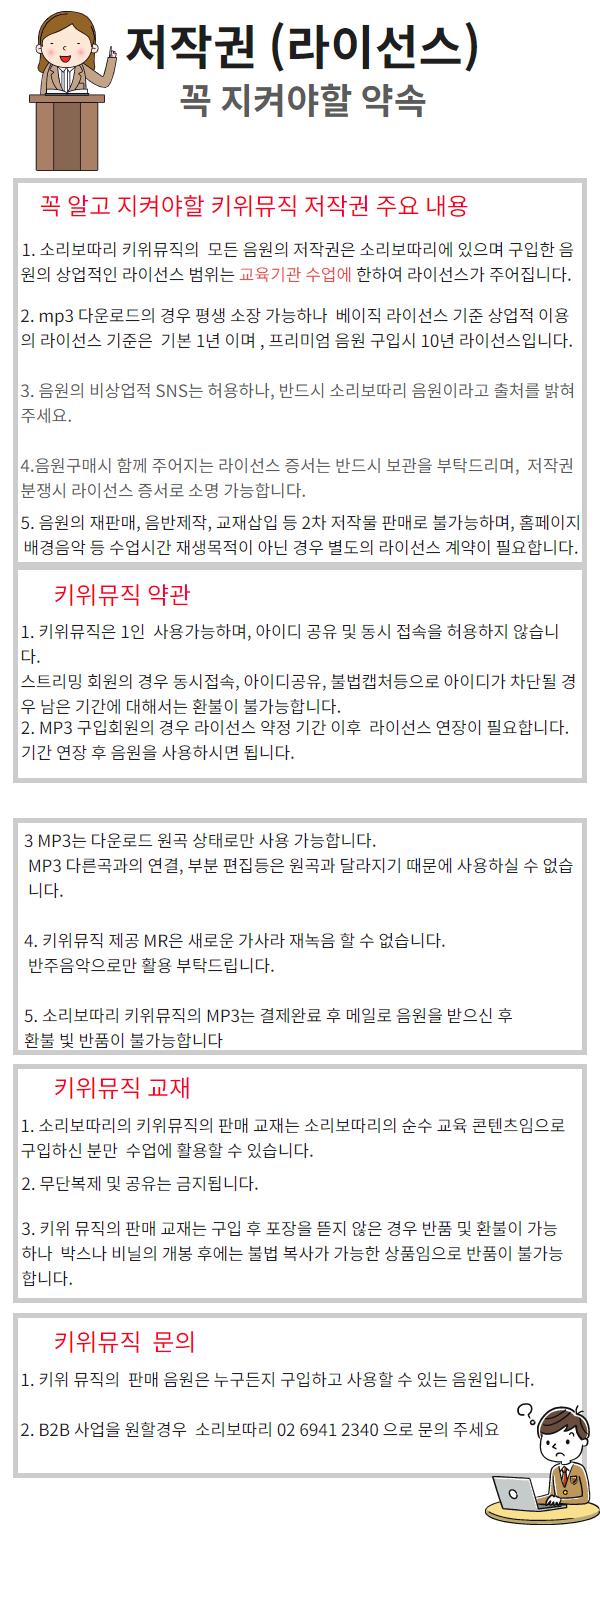 [복사본] 라이선스 안내 (2).png